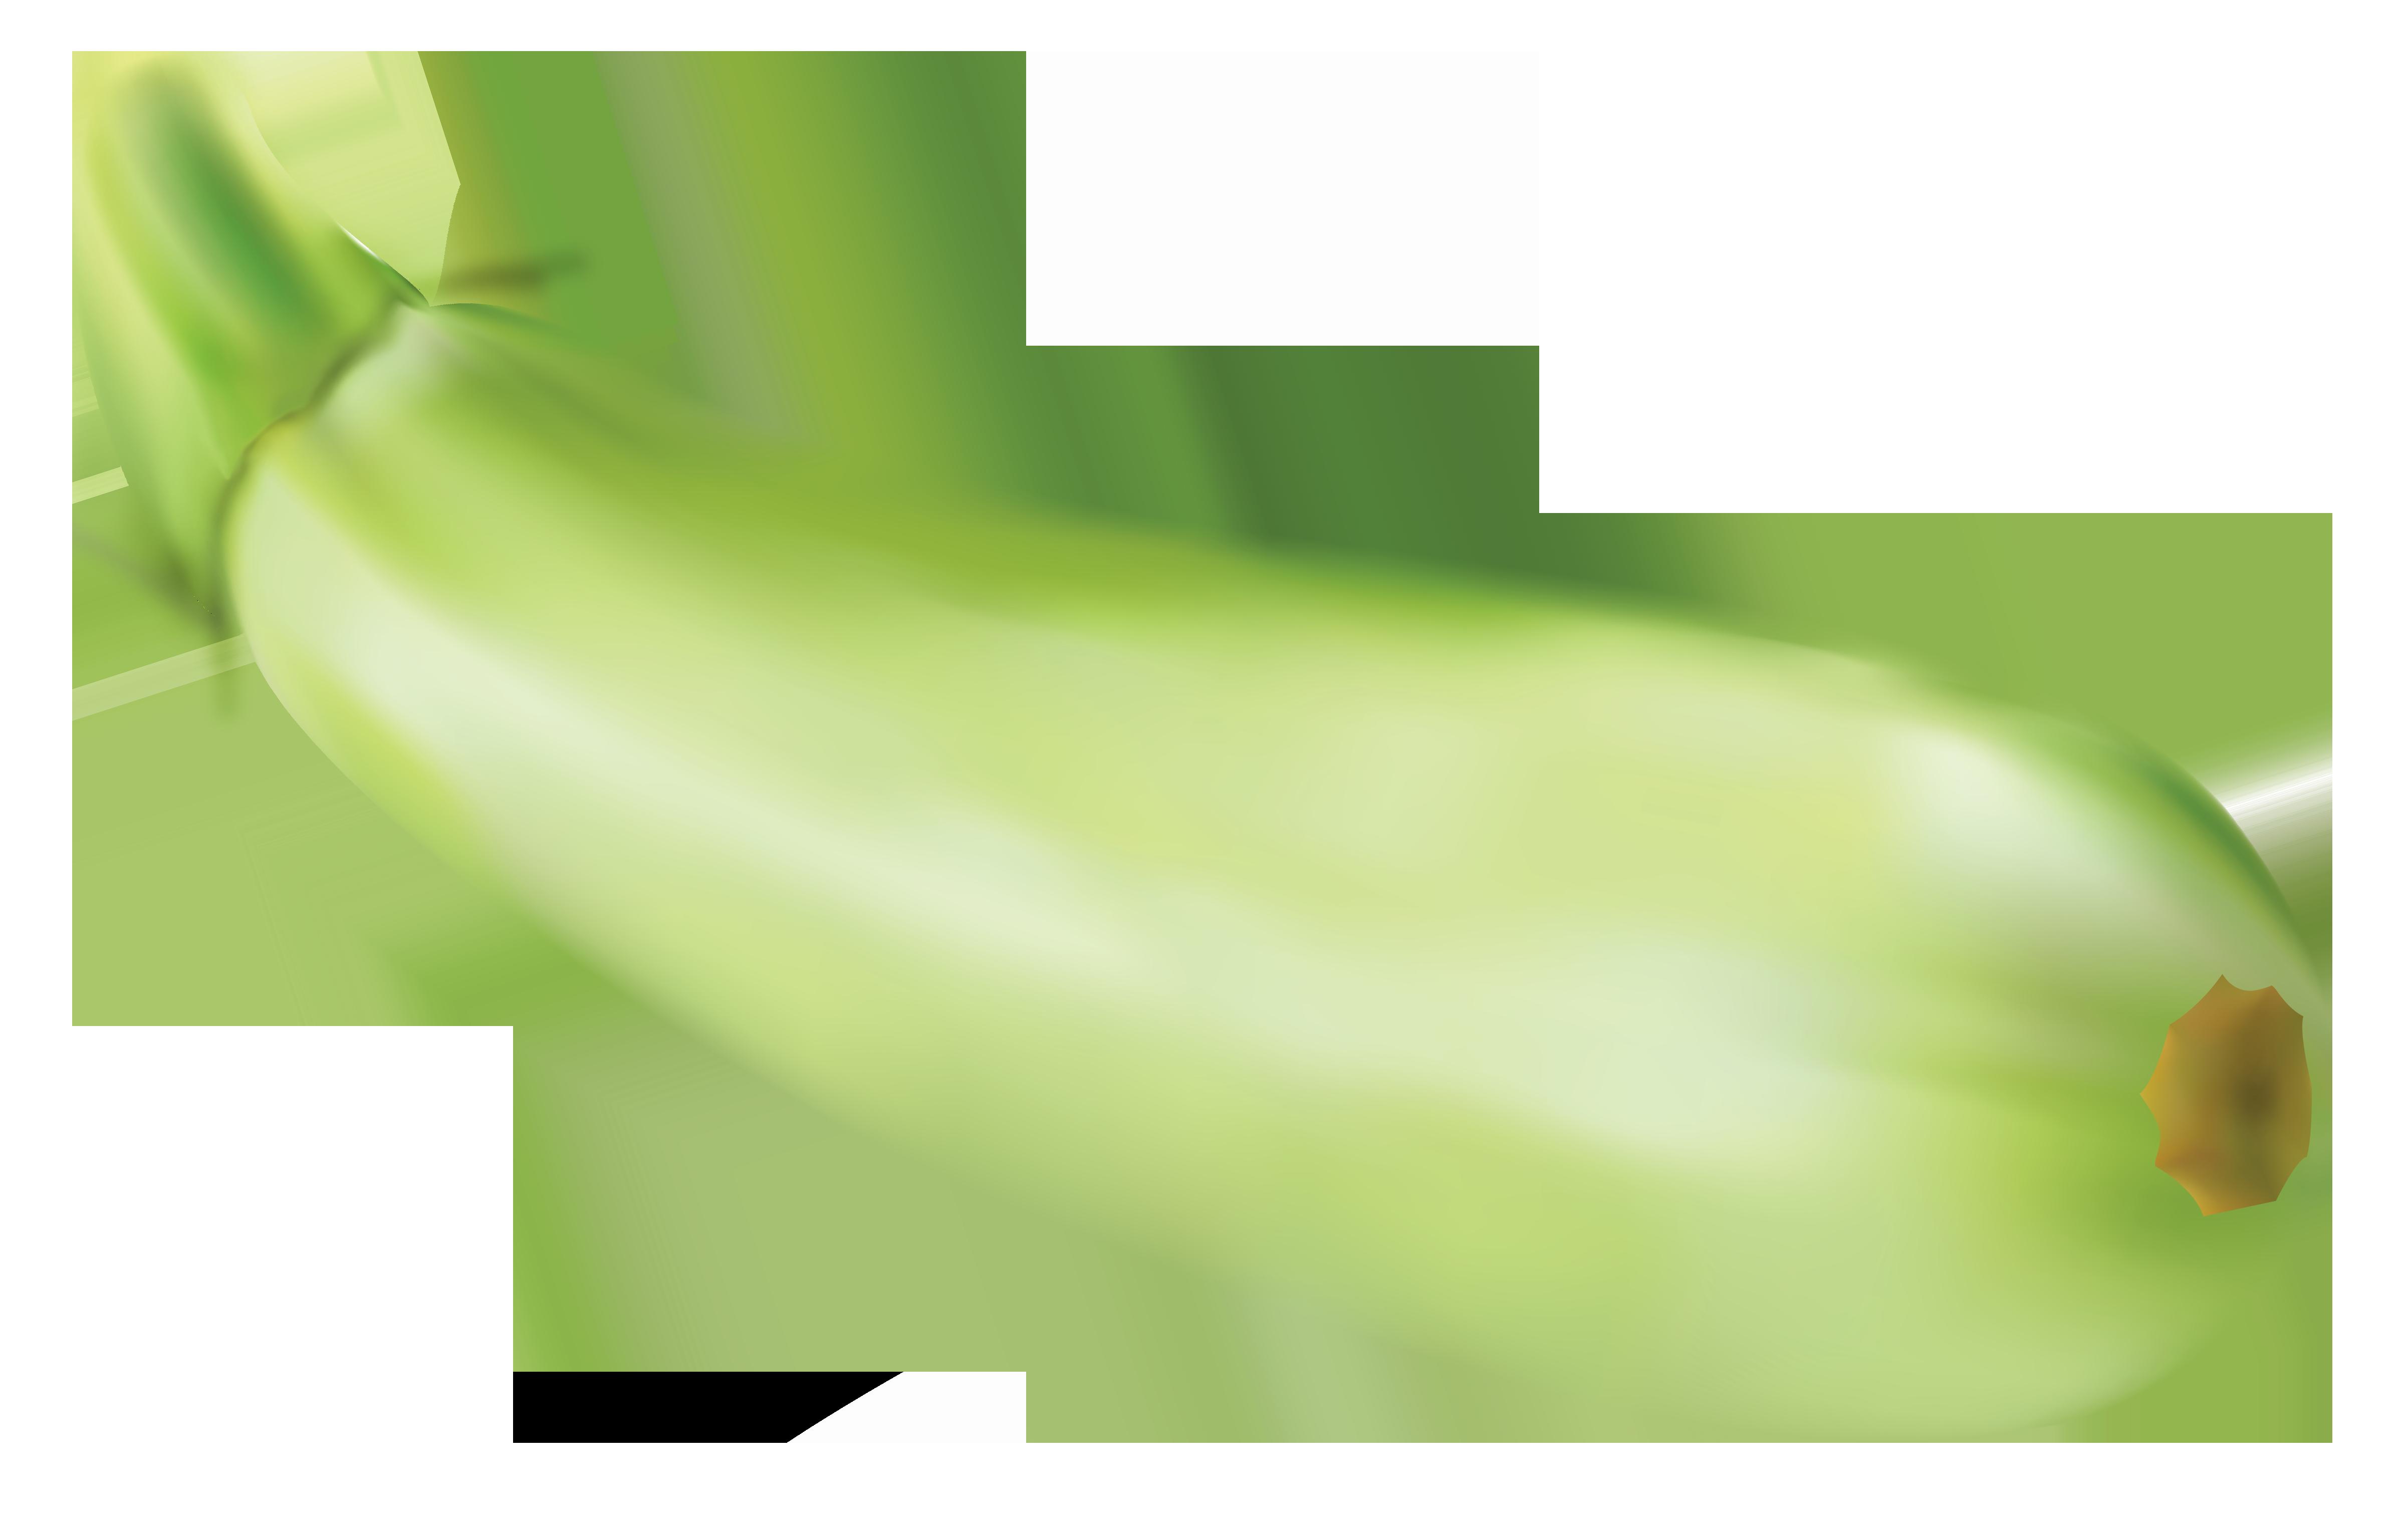 Zucchini clipart clipartall